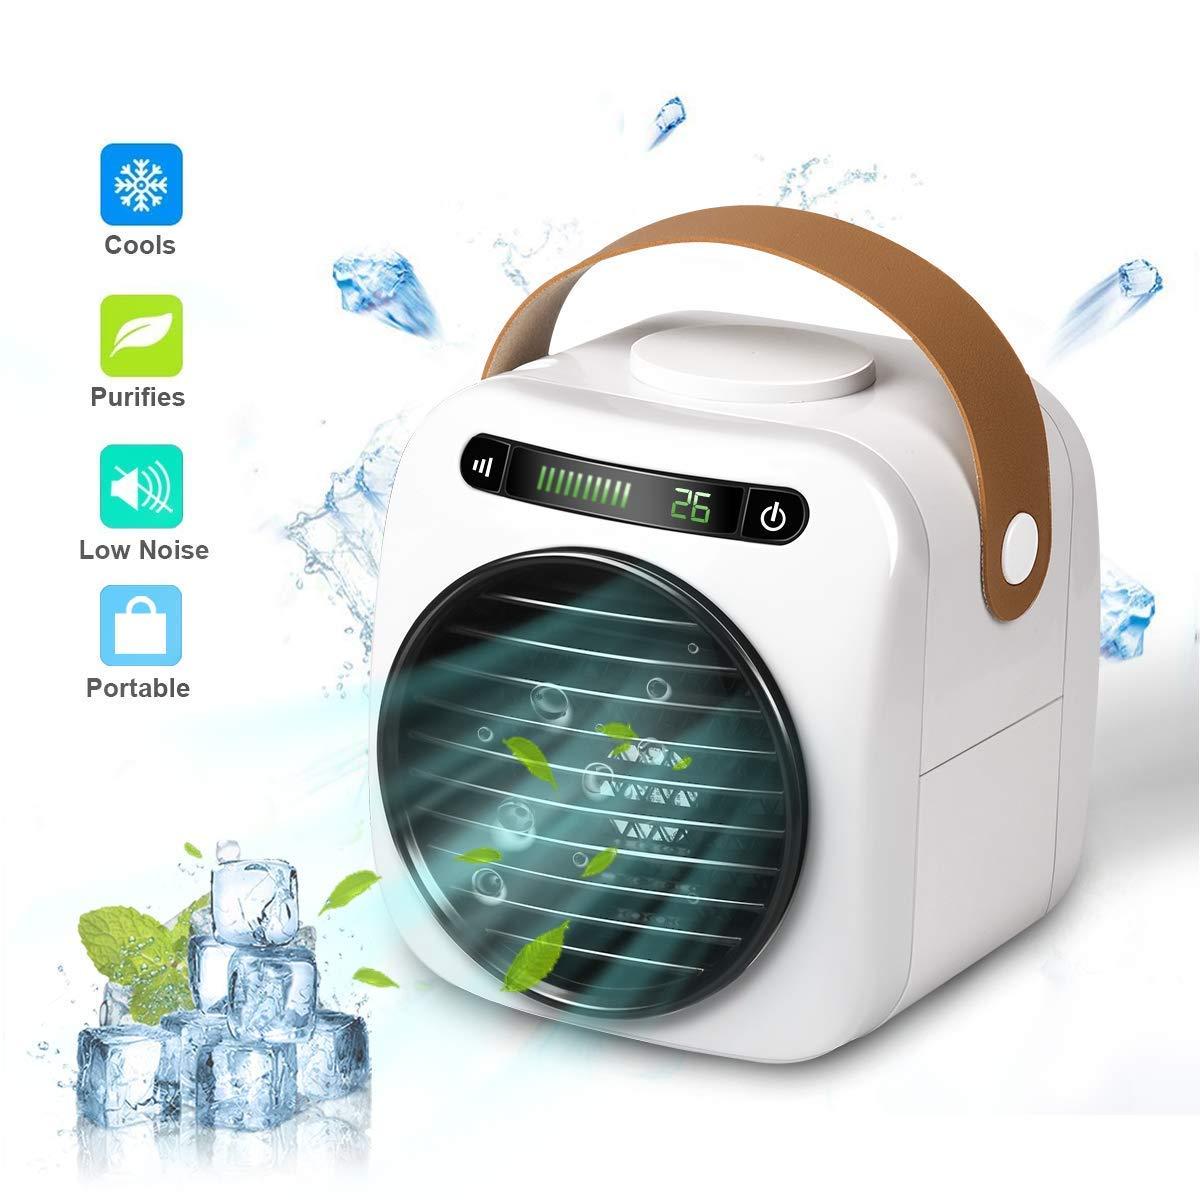 Pers/önlicher Mini Klimager/äte USB Tragbar Luftk/ühler Ventilator Luftbefeuchter und Luftreiniger mit 3 Geschwindigkeiten LED Digitalanzeige f/üR Home Office Draussen 4 In 1 Mobile Klimaanlage